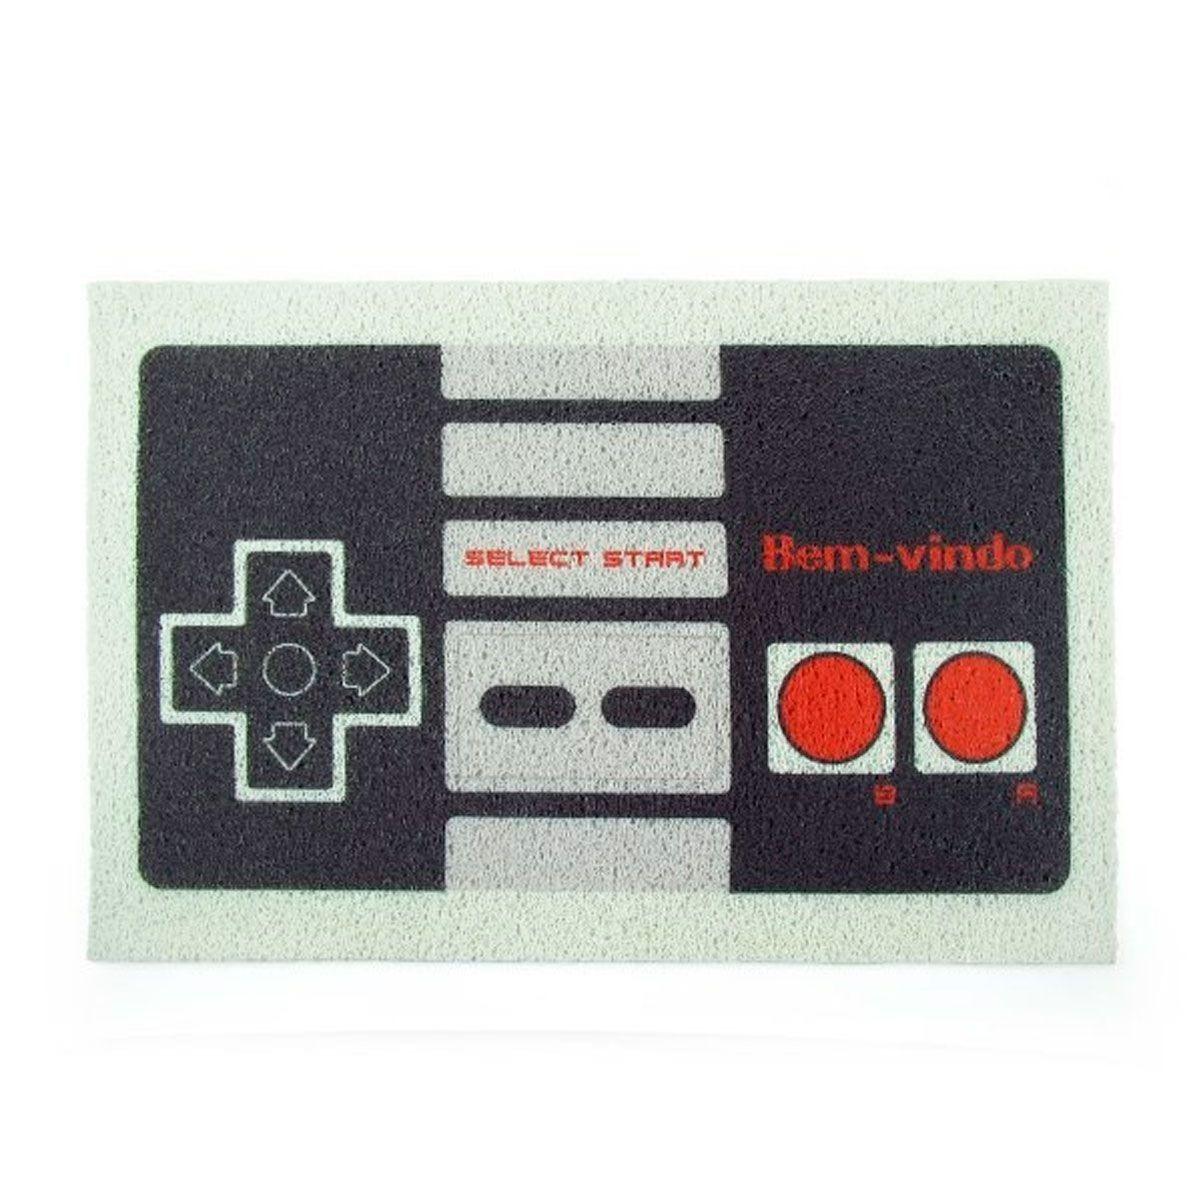 dc35565fc0 Tapete Capacho Game Geek Nintendinho Presente Criativo - R$ 75,90 em ...